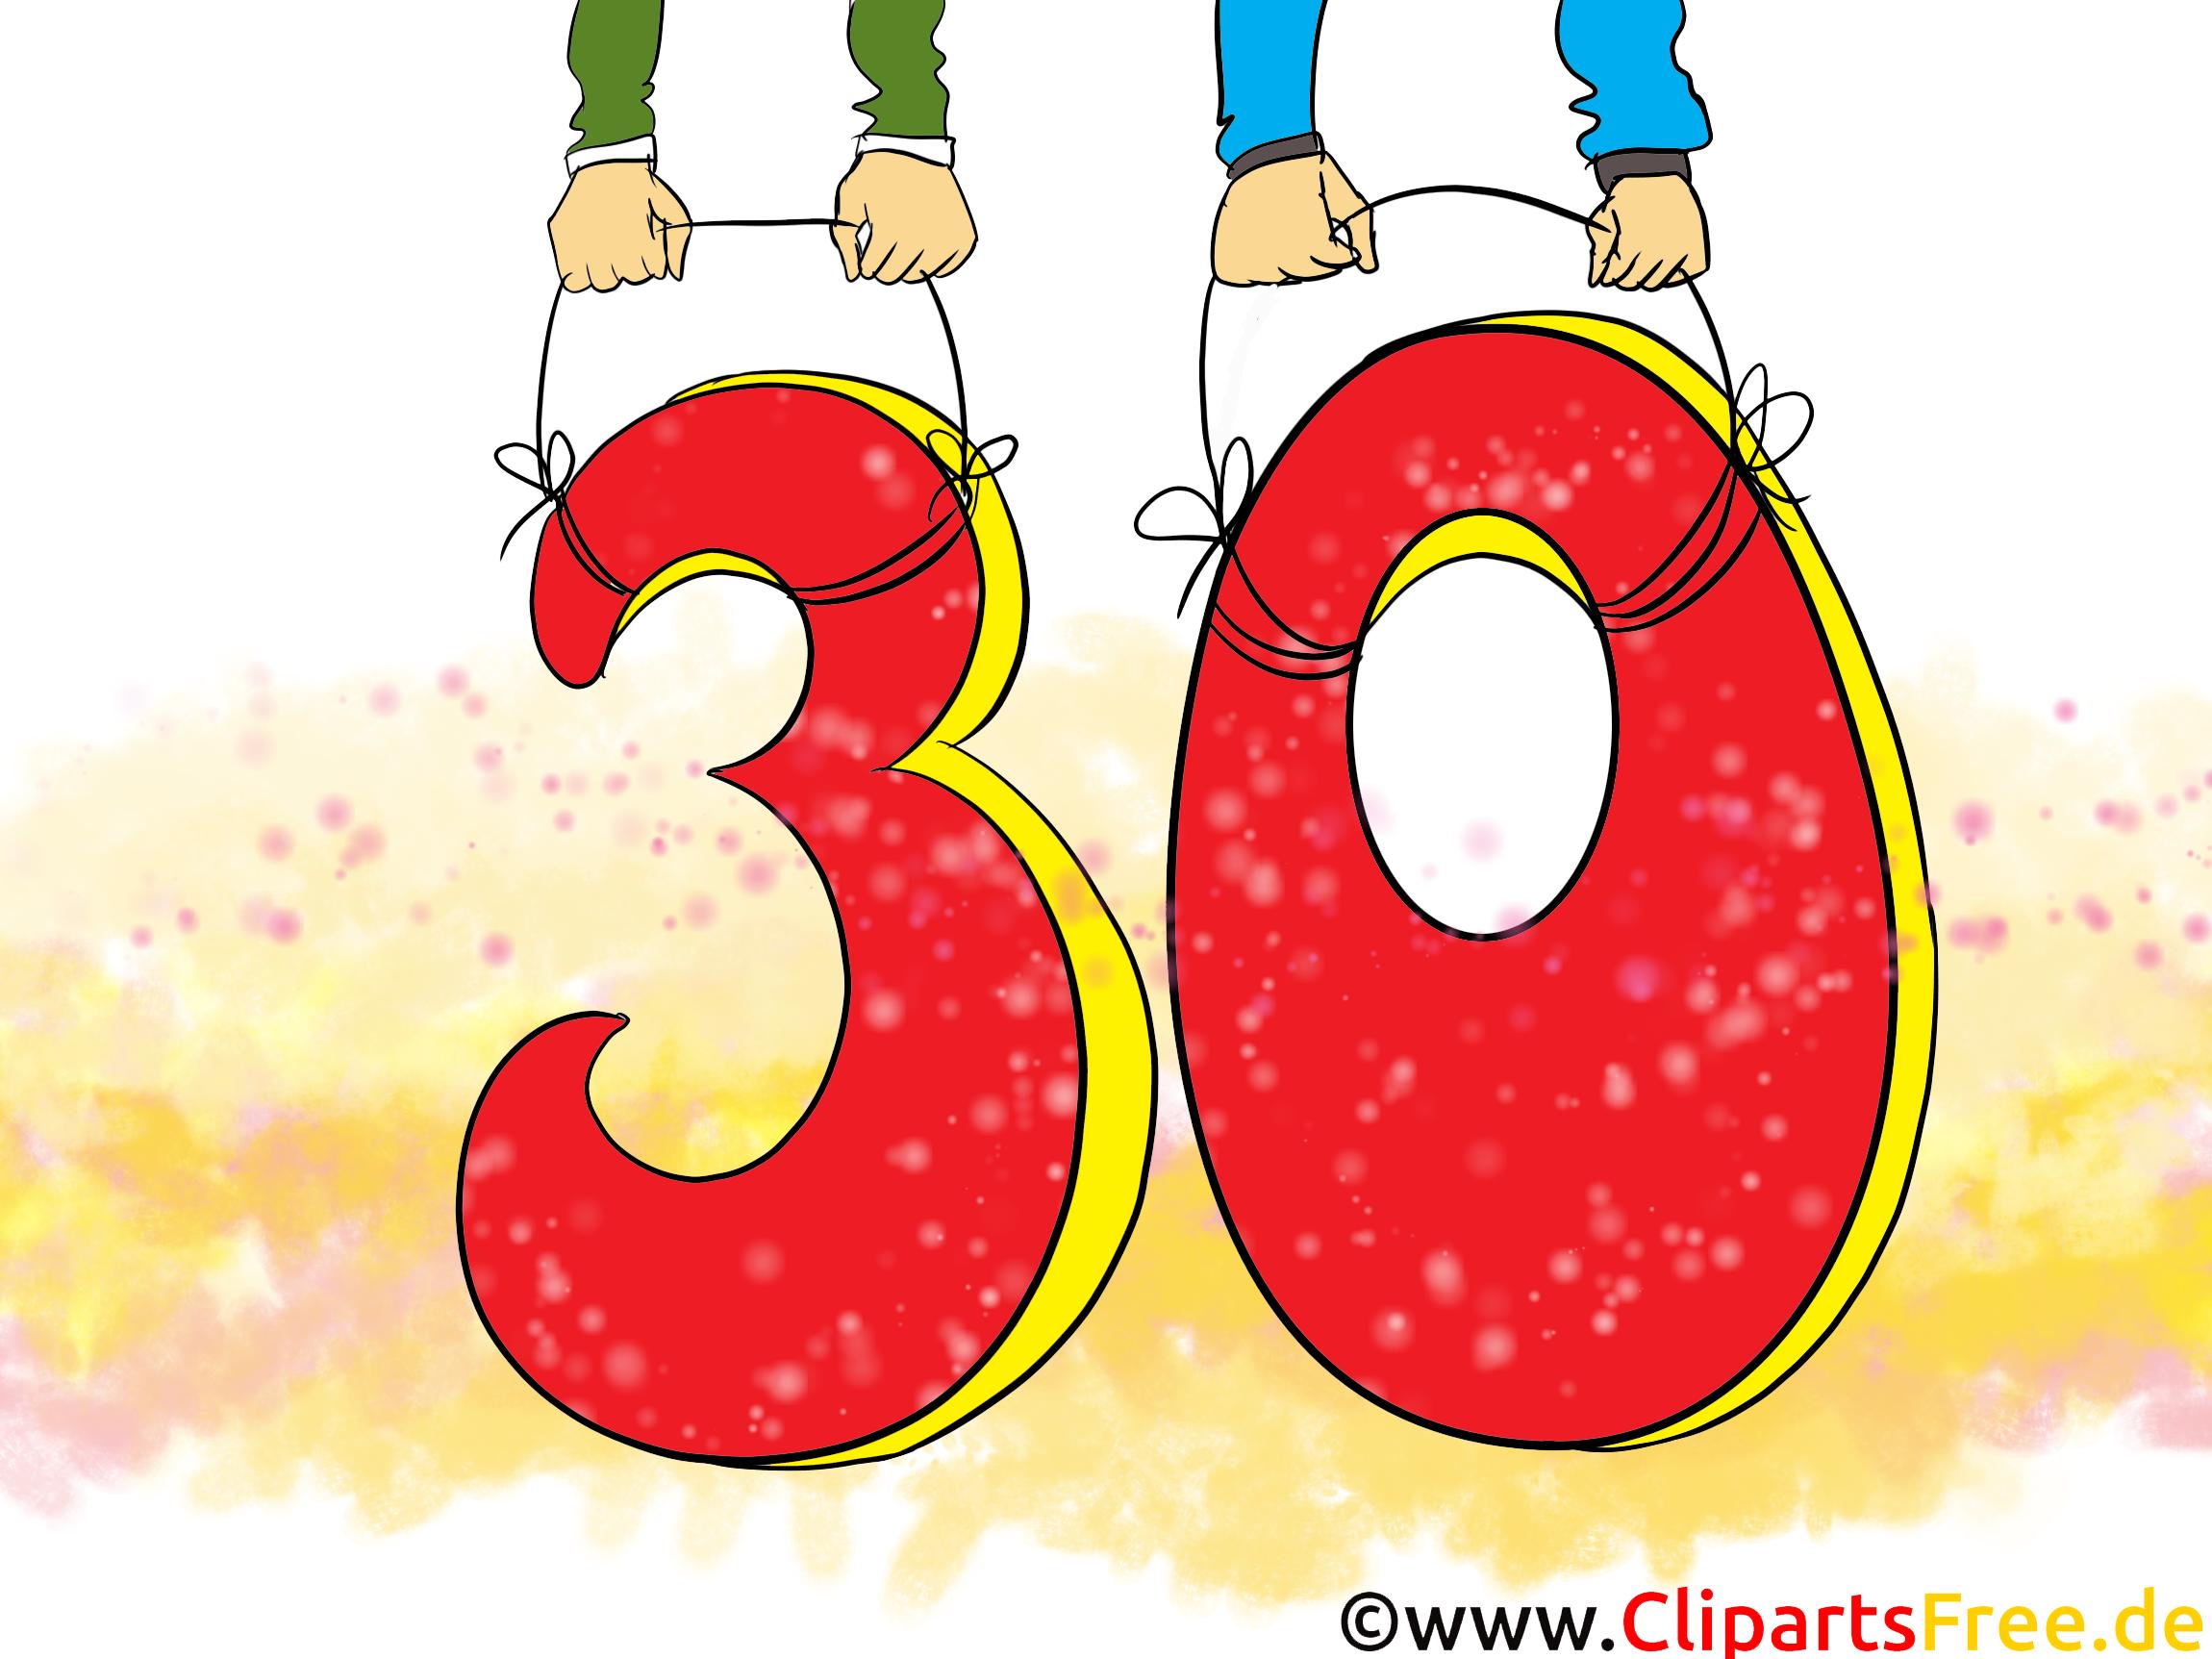 30 ans dessins gratuits anniversaire clipart anniversaire dessin picture image graphic - Clipart anniversaire gratuit telecharger ...